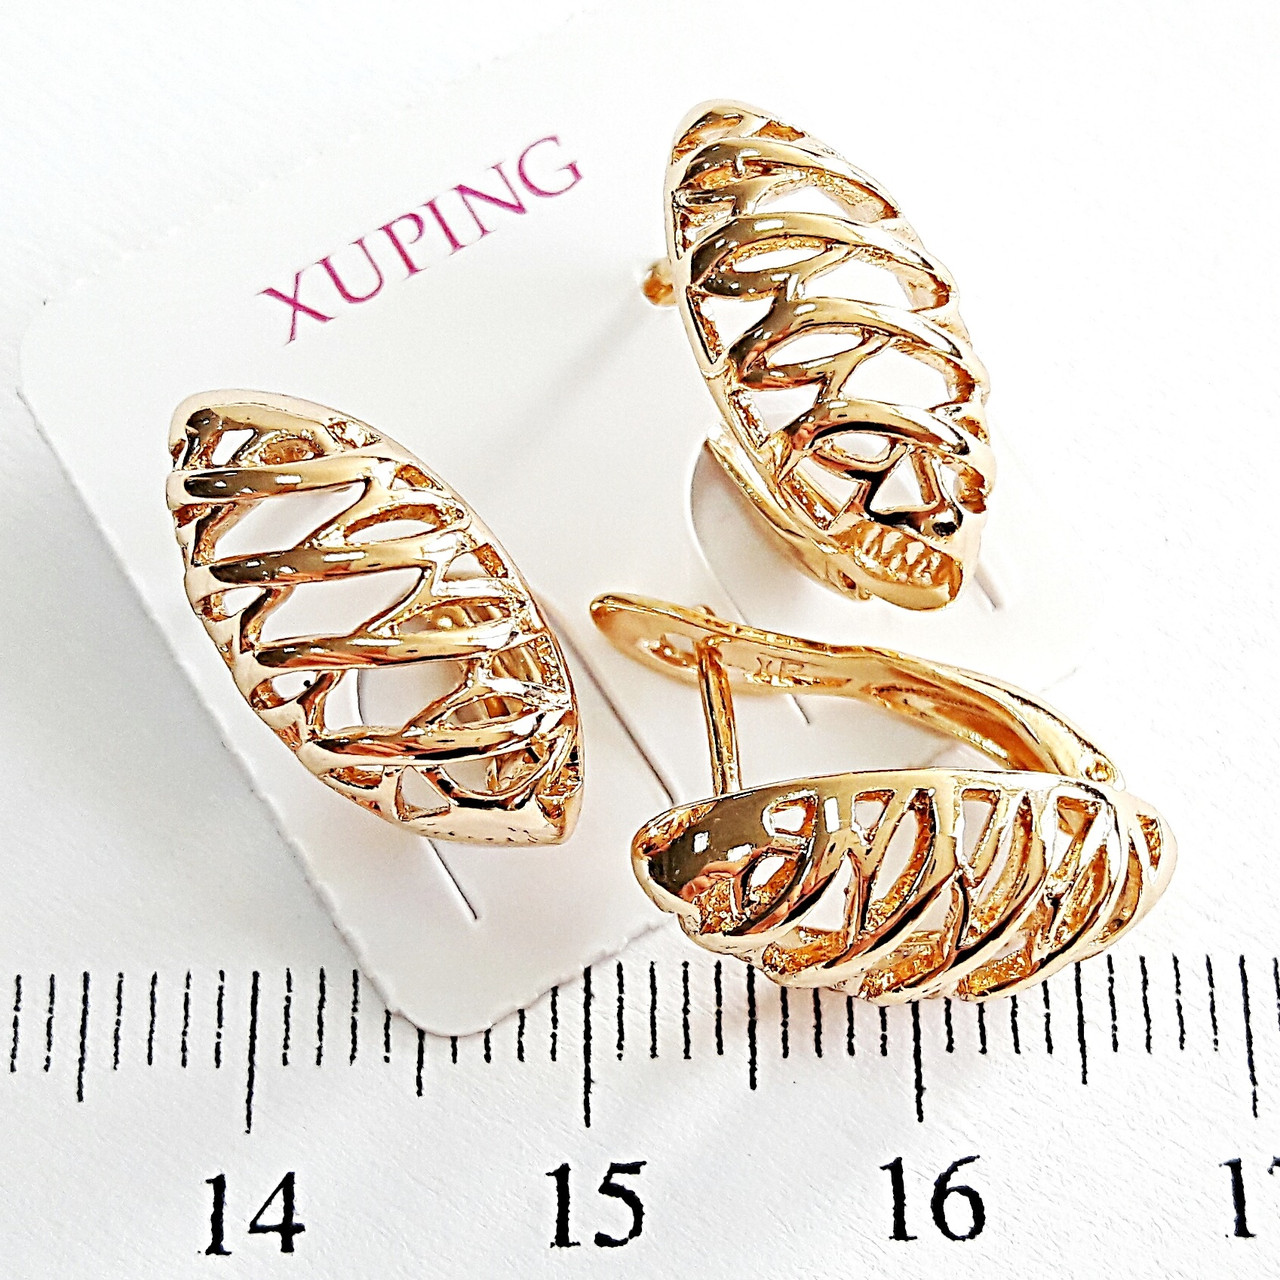 Серьги Xuping позолоченные c узором 1.6см с1014